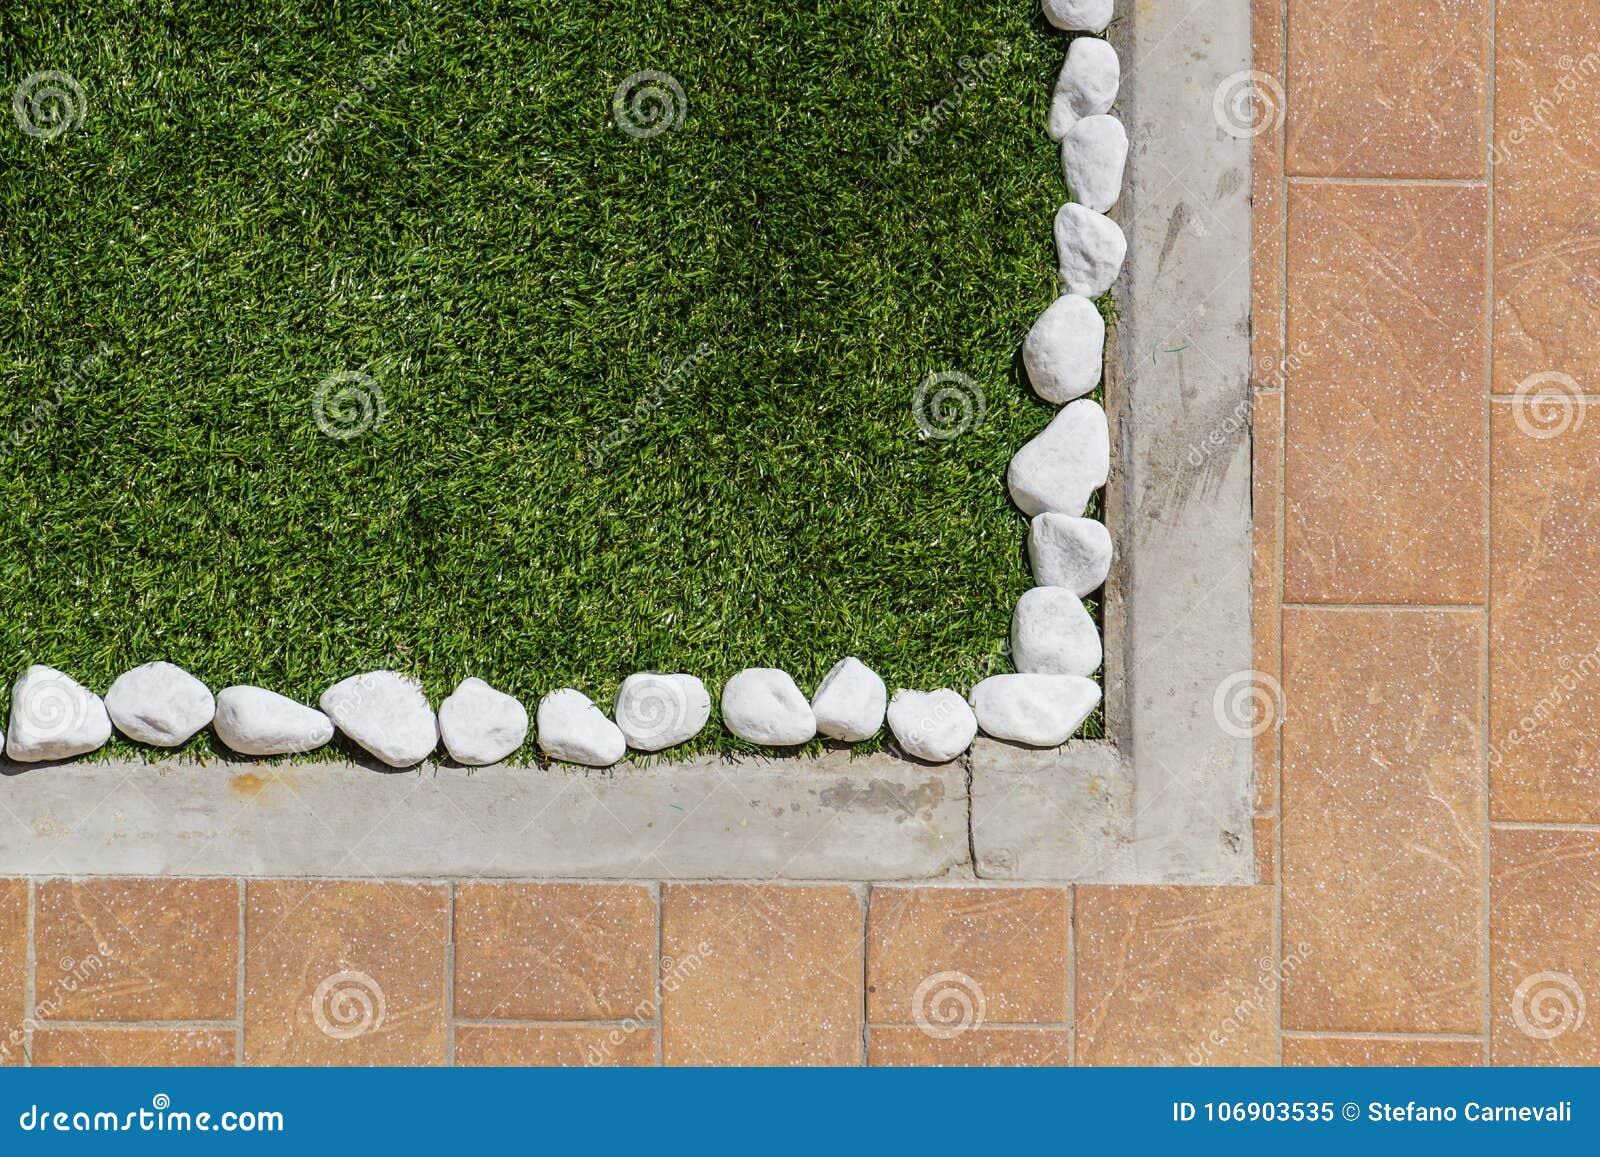 Podłogowy projekt z płytkami i ornamentacyjnym żwirem Różnorodni materiały dla podłoga w ogródzie Fachowy ogrodnictwo